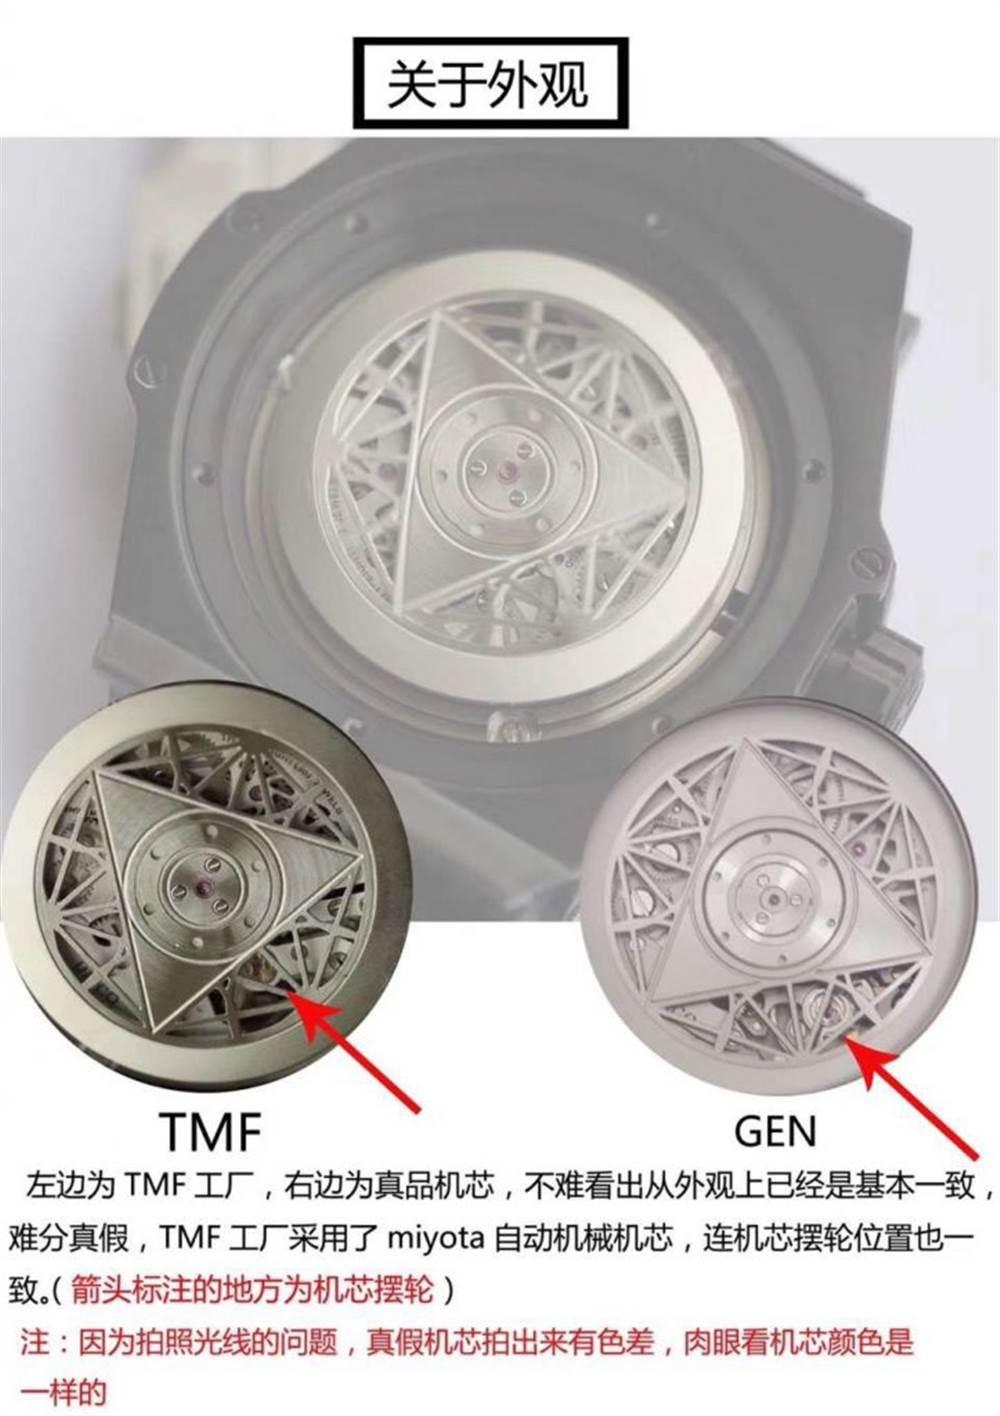 TMF厂宇舶415.NX.1112.VR.MXM16解读-TMF厂宇舶大爆炸复刻表拒绝一眼假 第31张